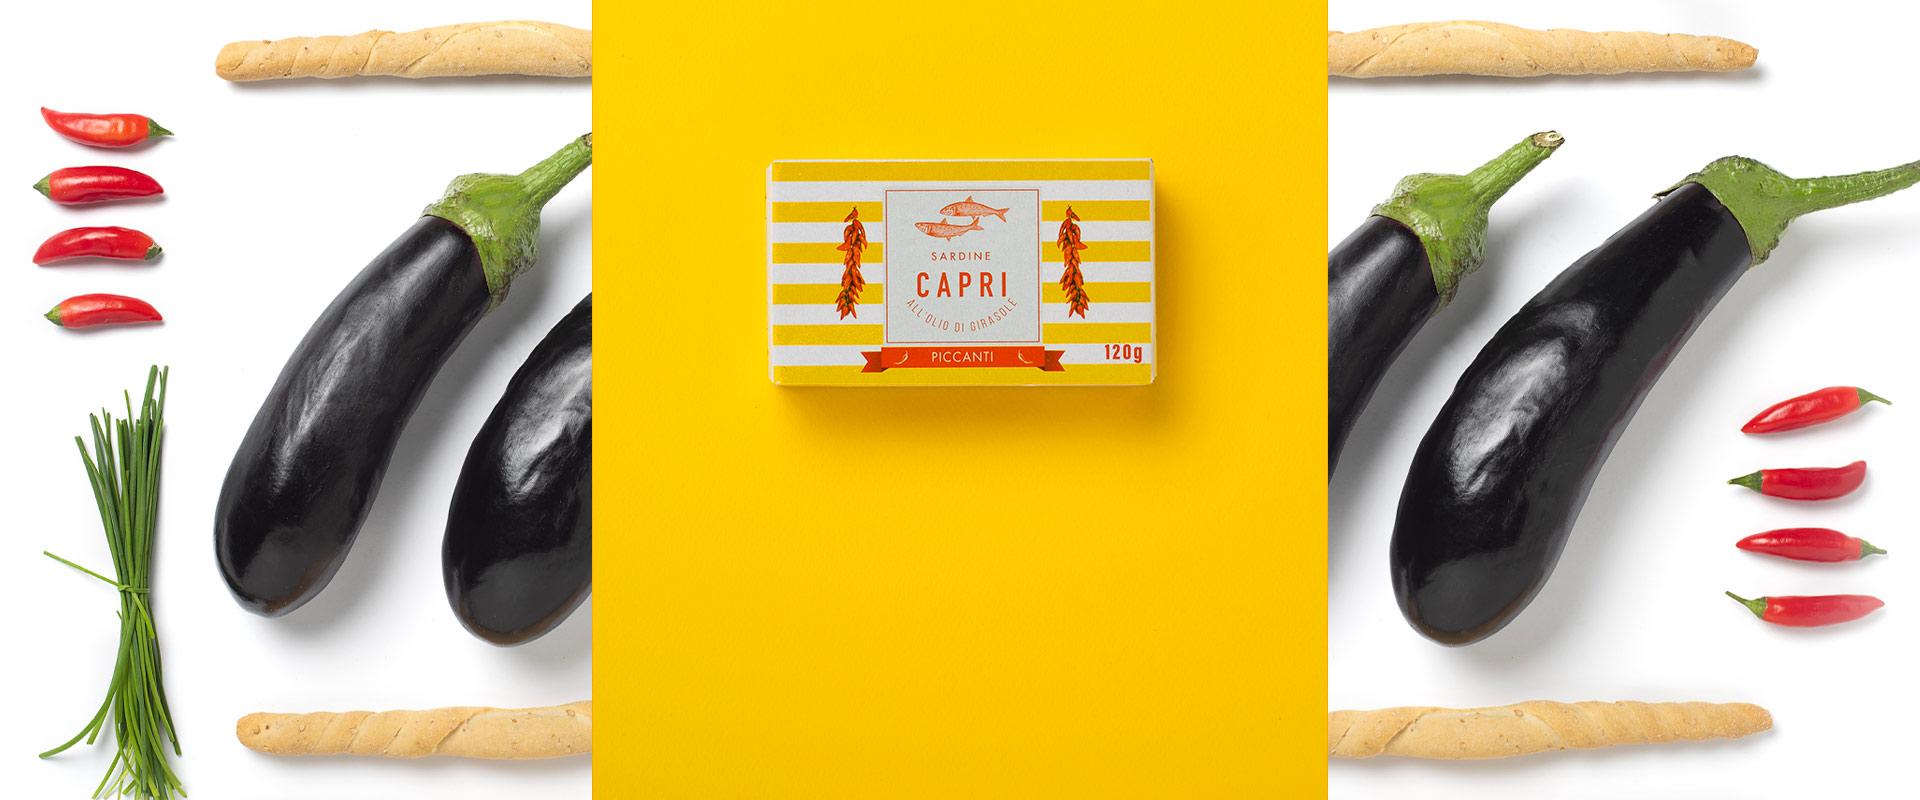 Sardine all'olio di Girasole Piccanti Capri | Ricetta